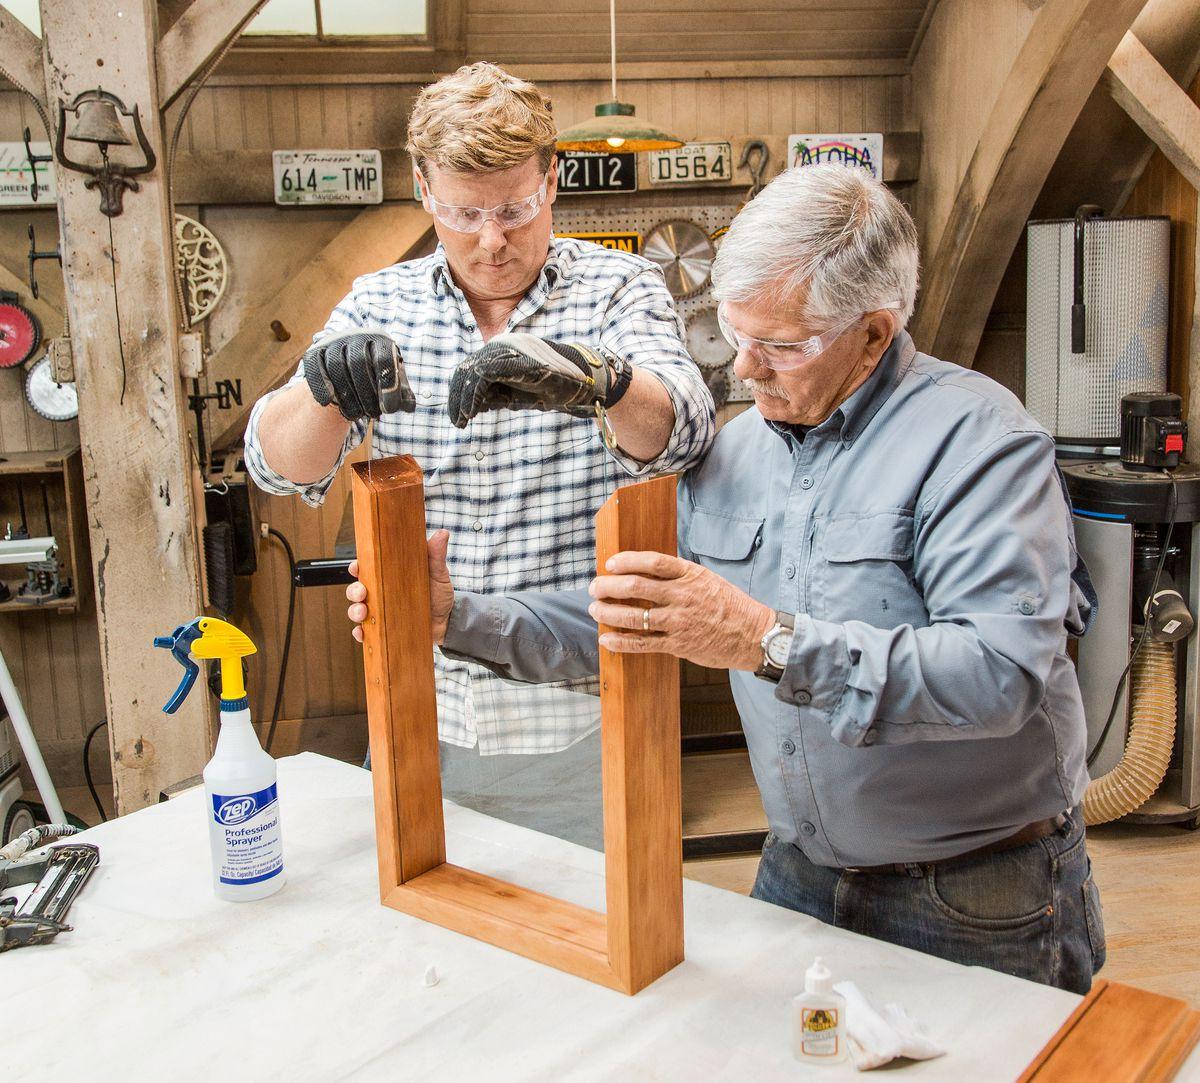 Uma pessoa segurando os dois lados da caixa de sombra DIY enquanto a outra desliza o vidro pela parte superior.